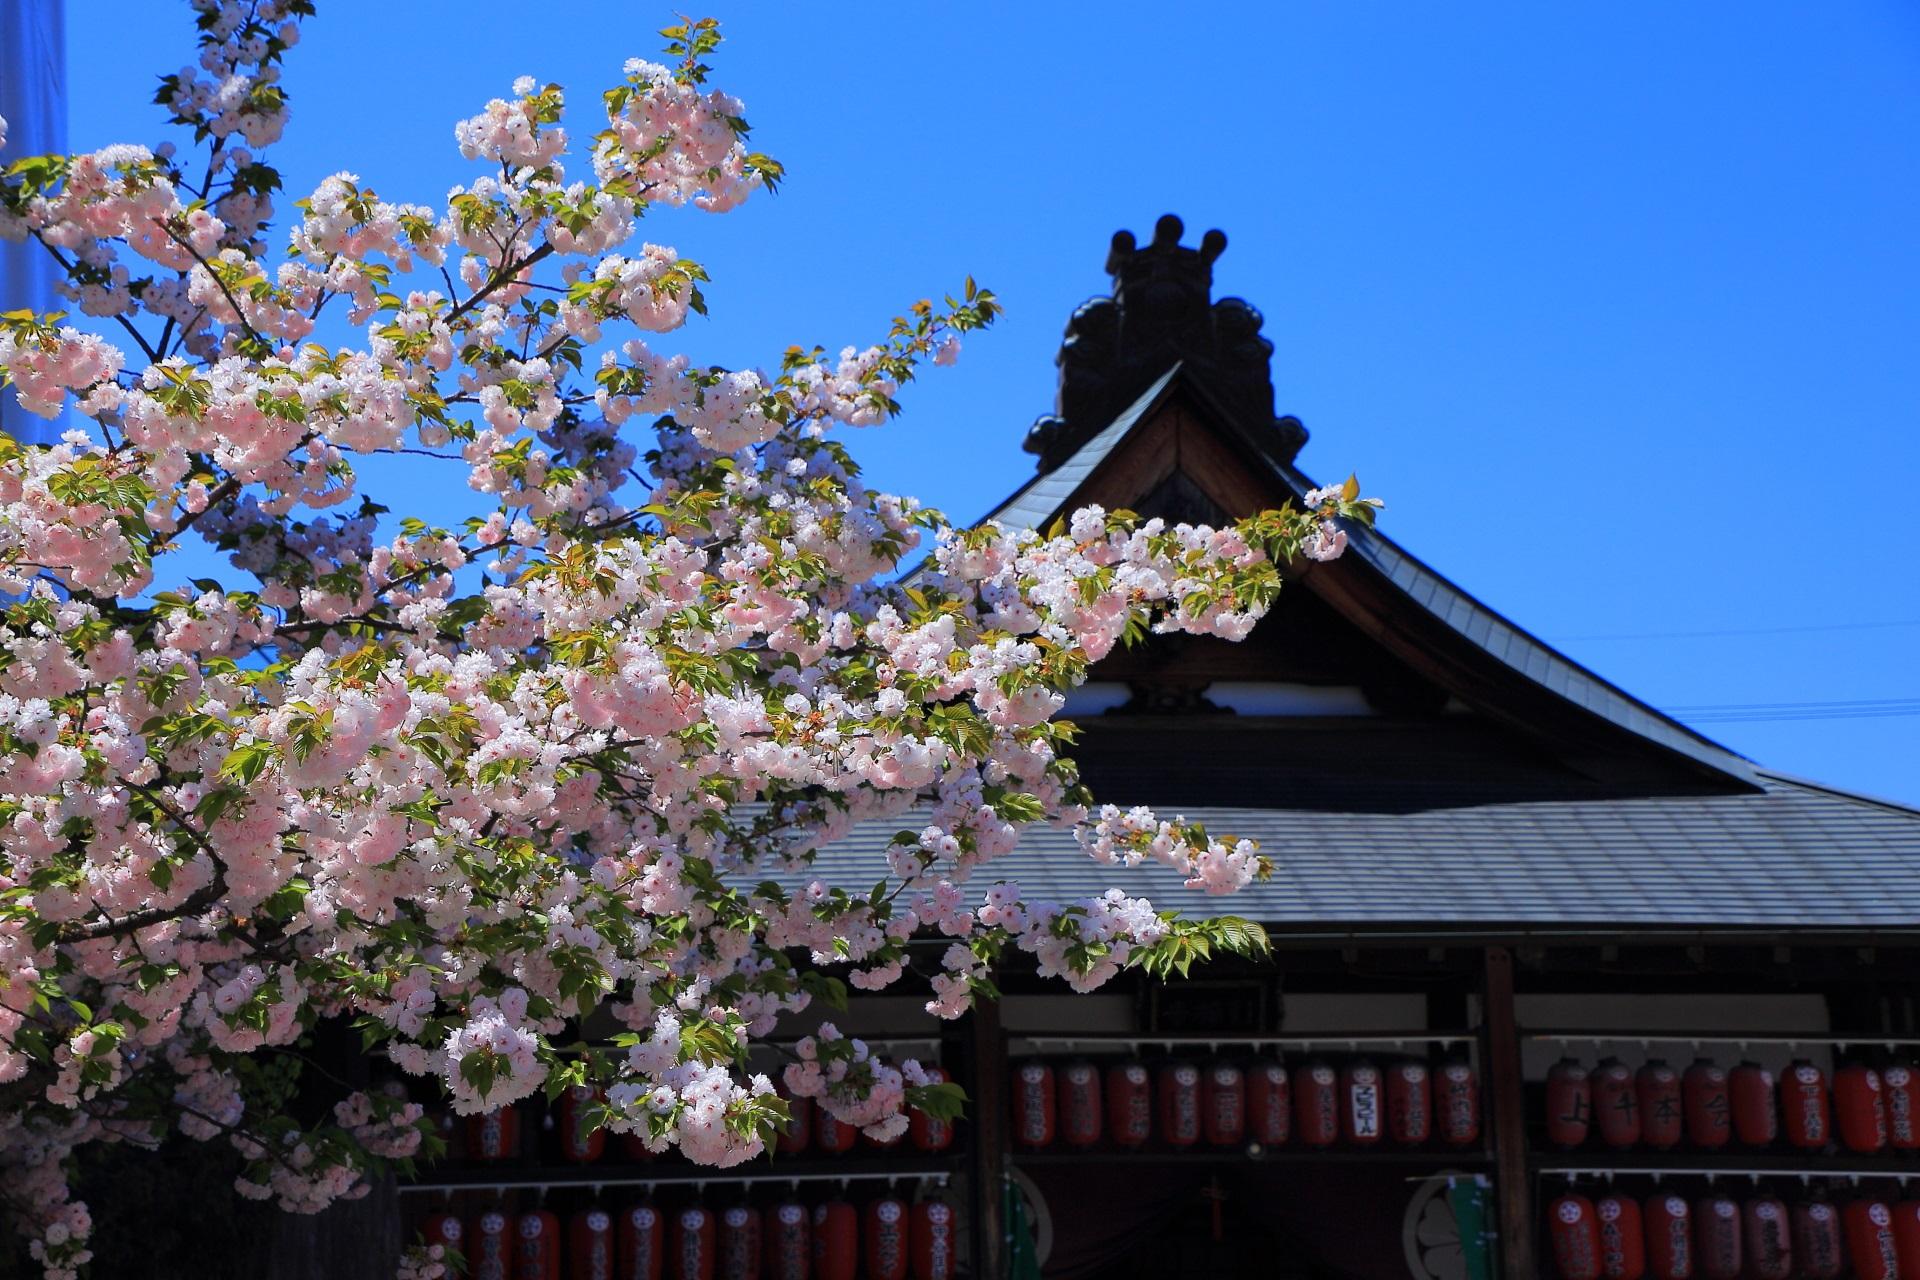 千本ゑんま堂(引接寺)の本堂前の八重桜